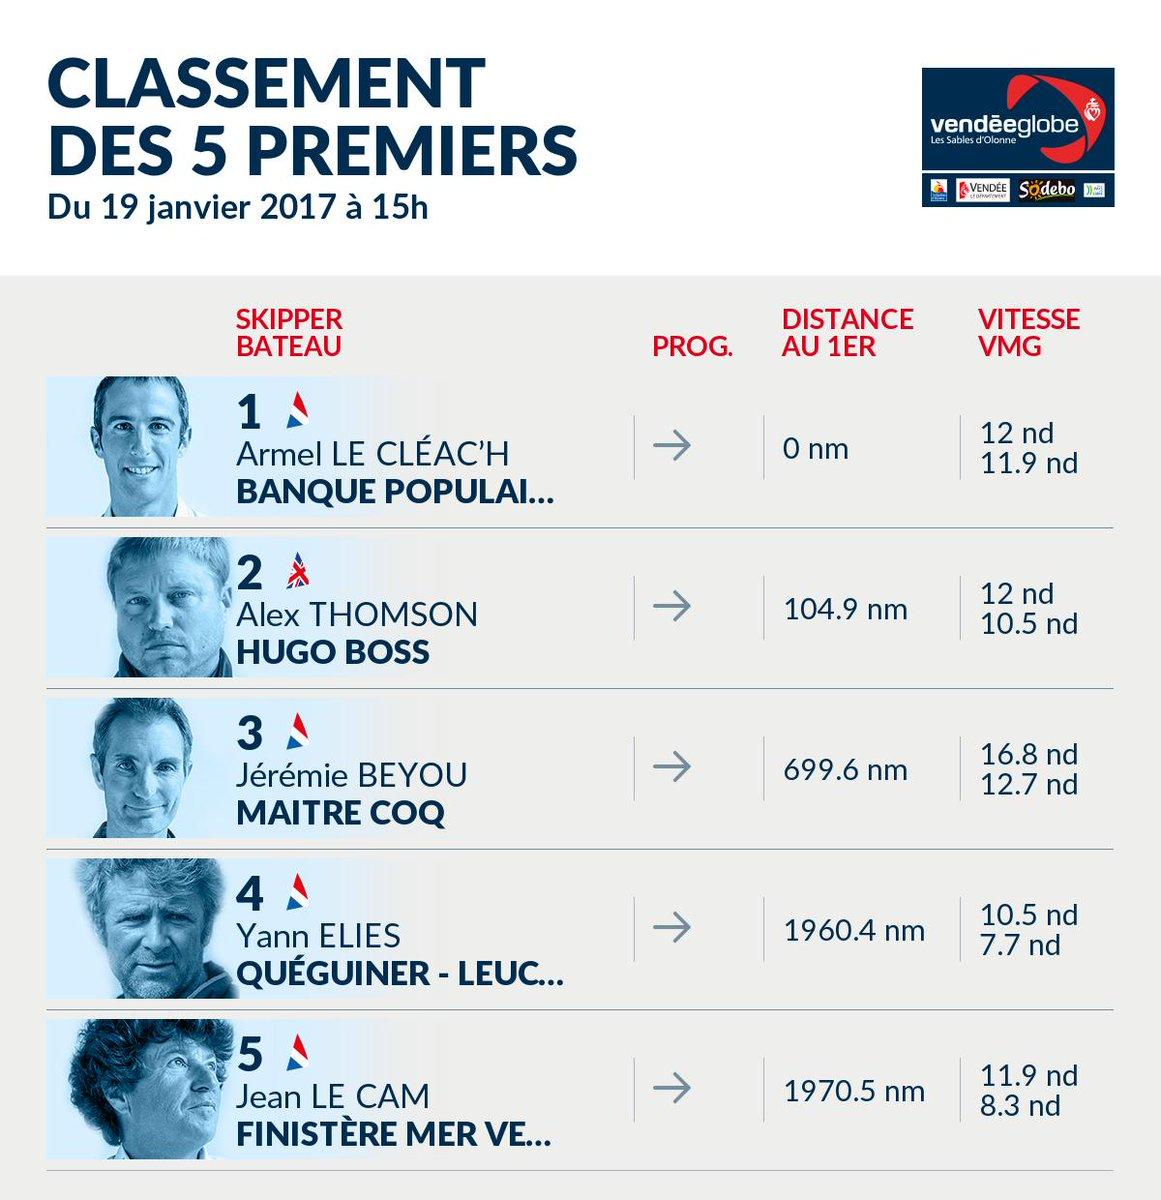 Classement officiel de 15h Vendée Globe https://t.co/8jUyTzR57l #Icewa...